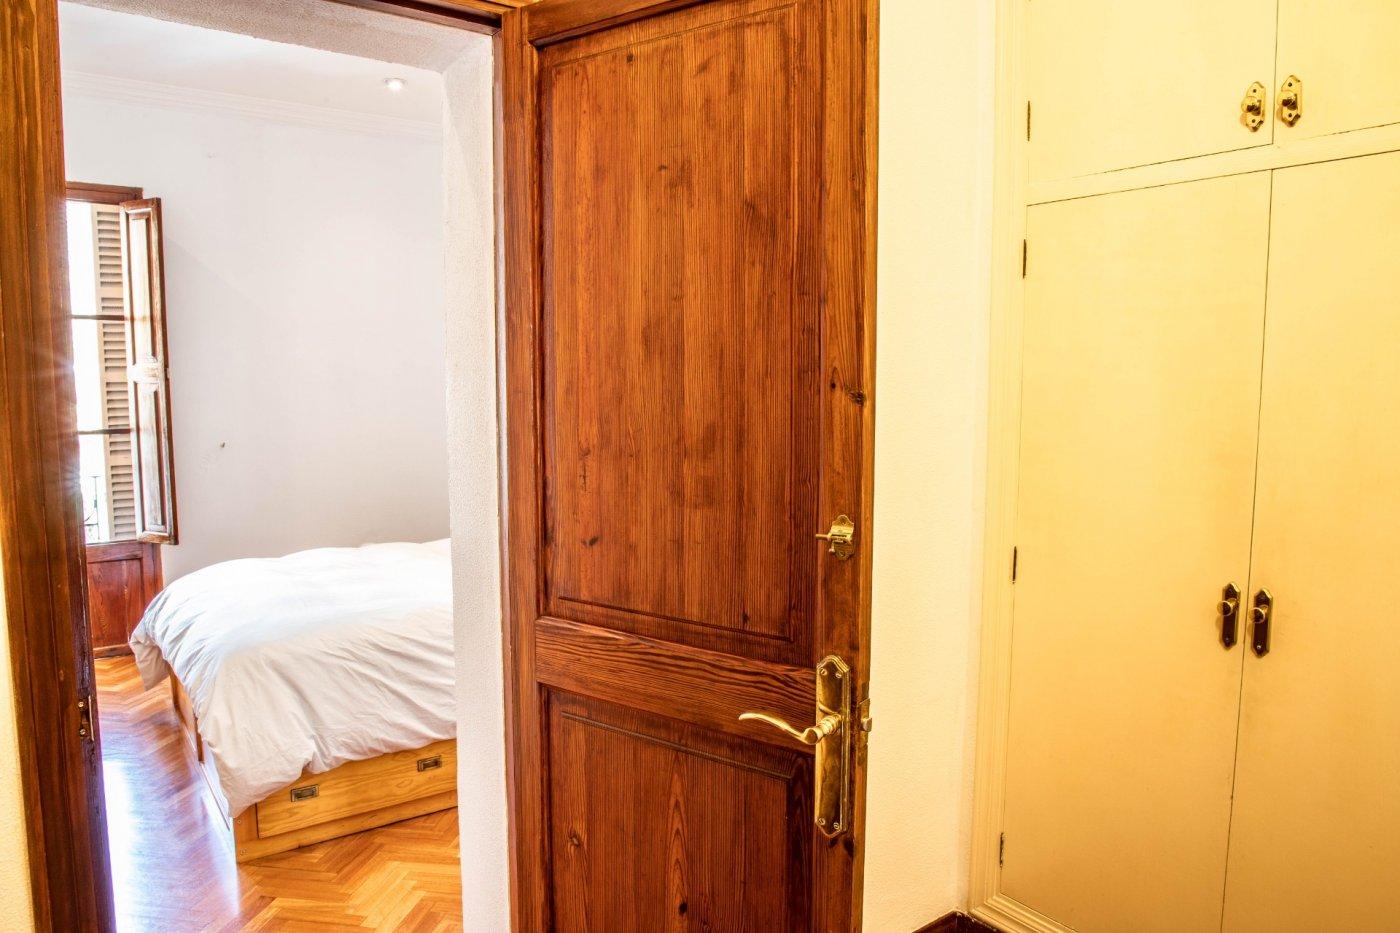 Primer piso con terrado privado en santa catalina - imagenInmueble24